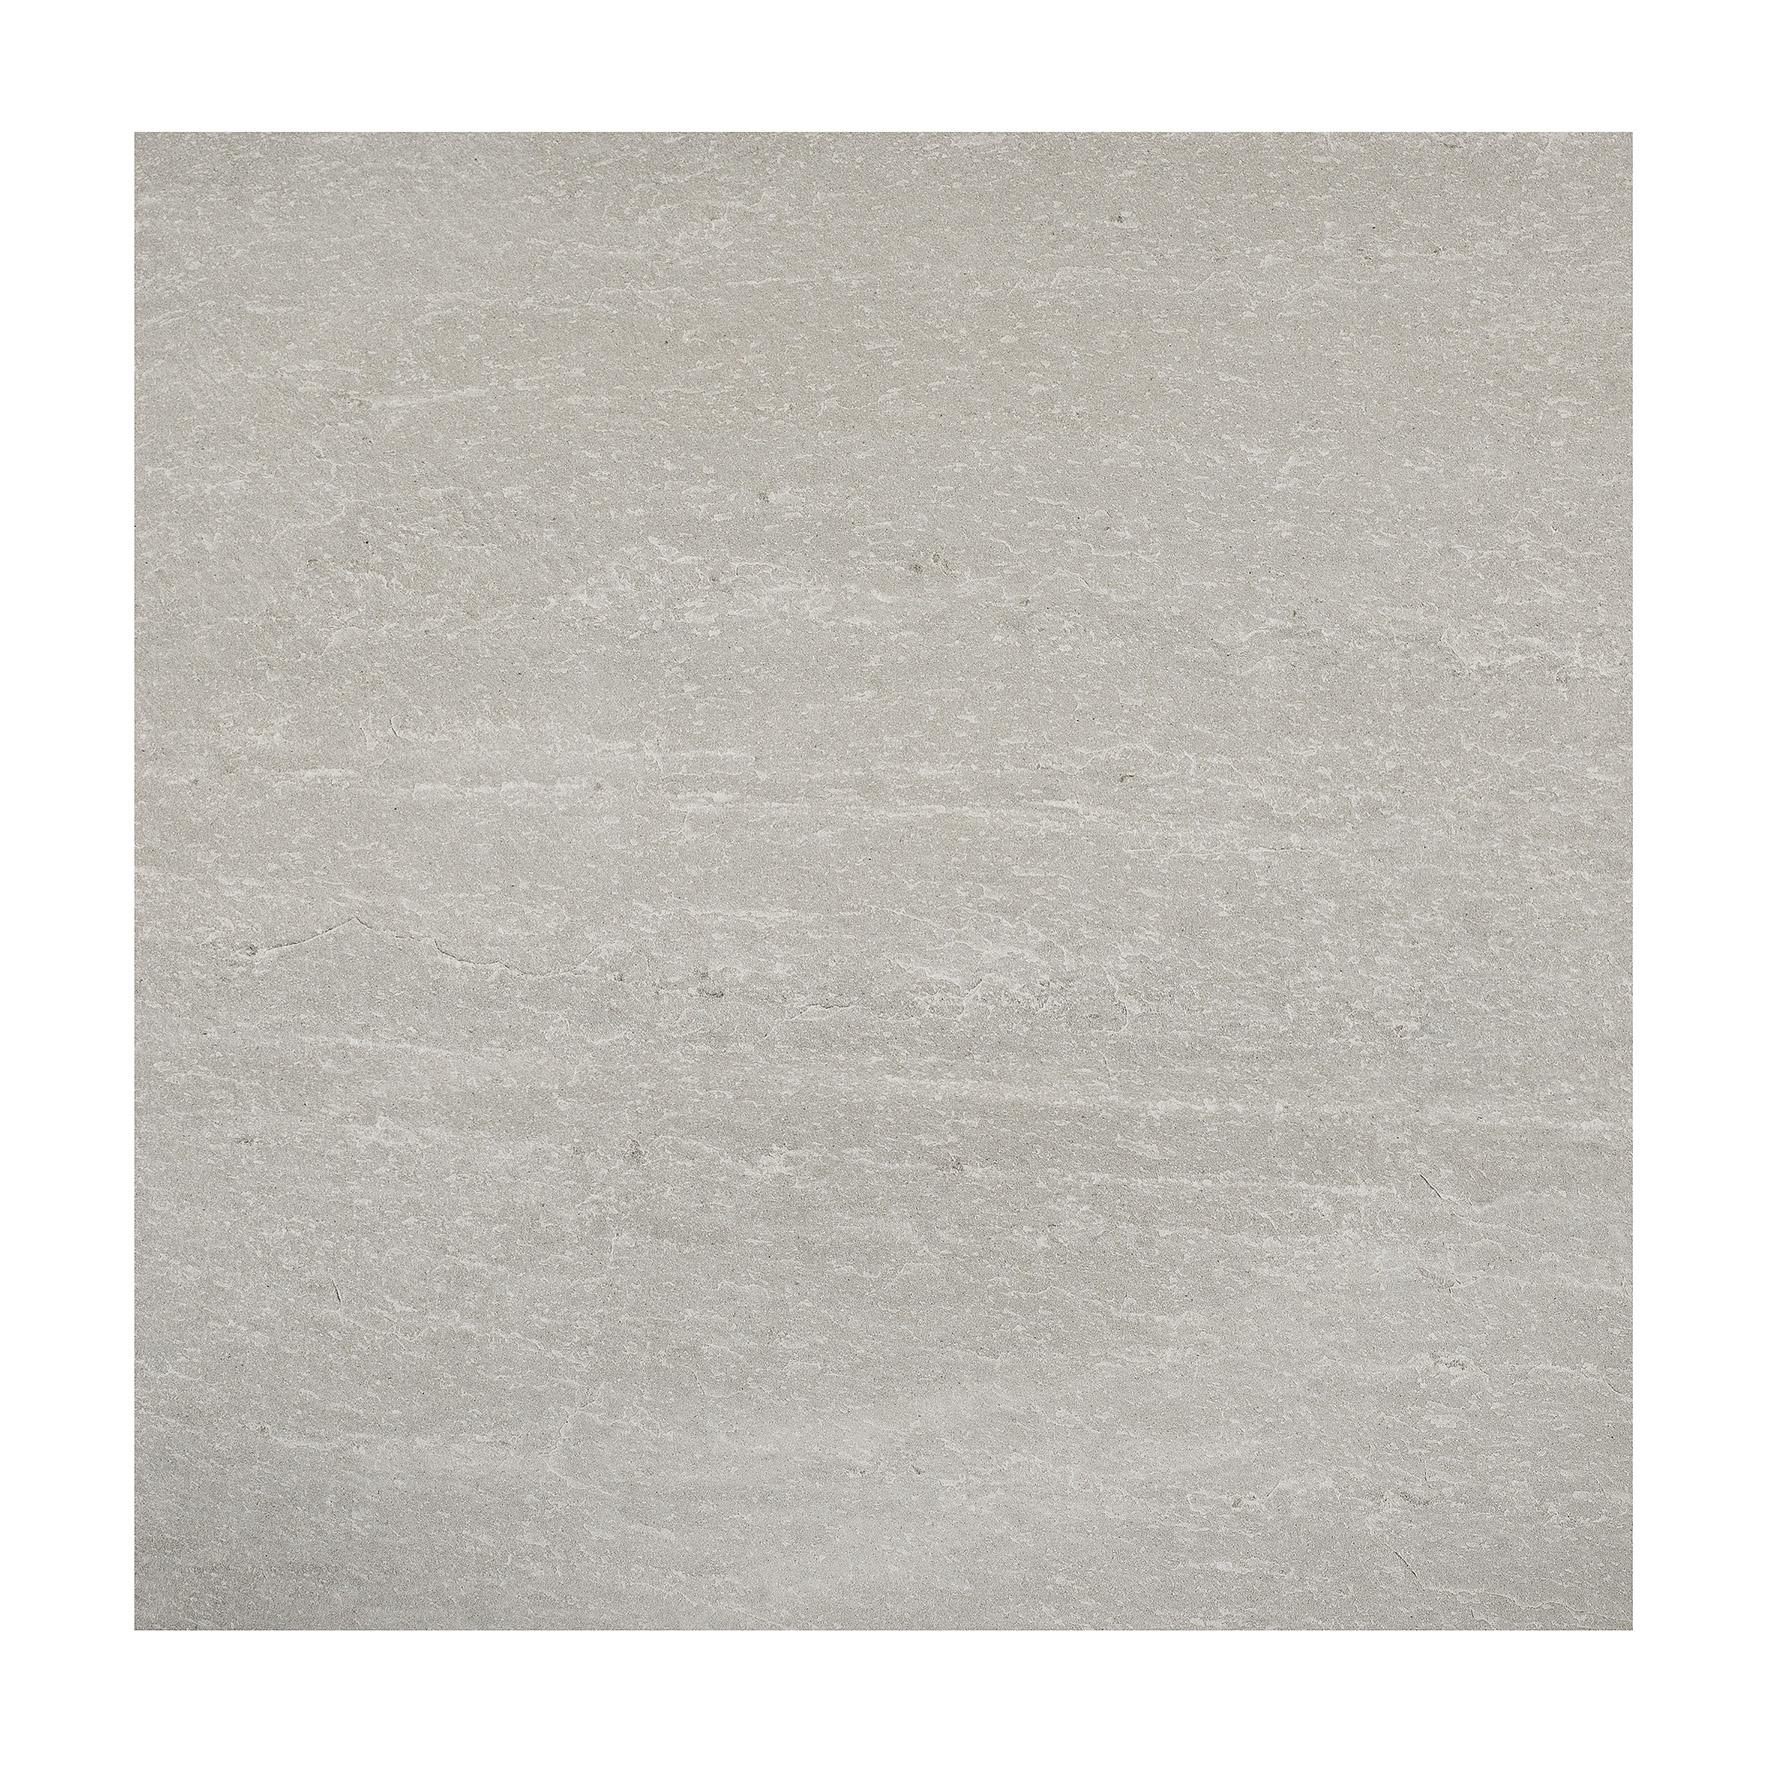 Gardenlux | Cera4line light 60x60x4 | Rock Grey